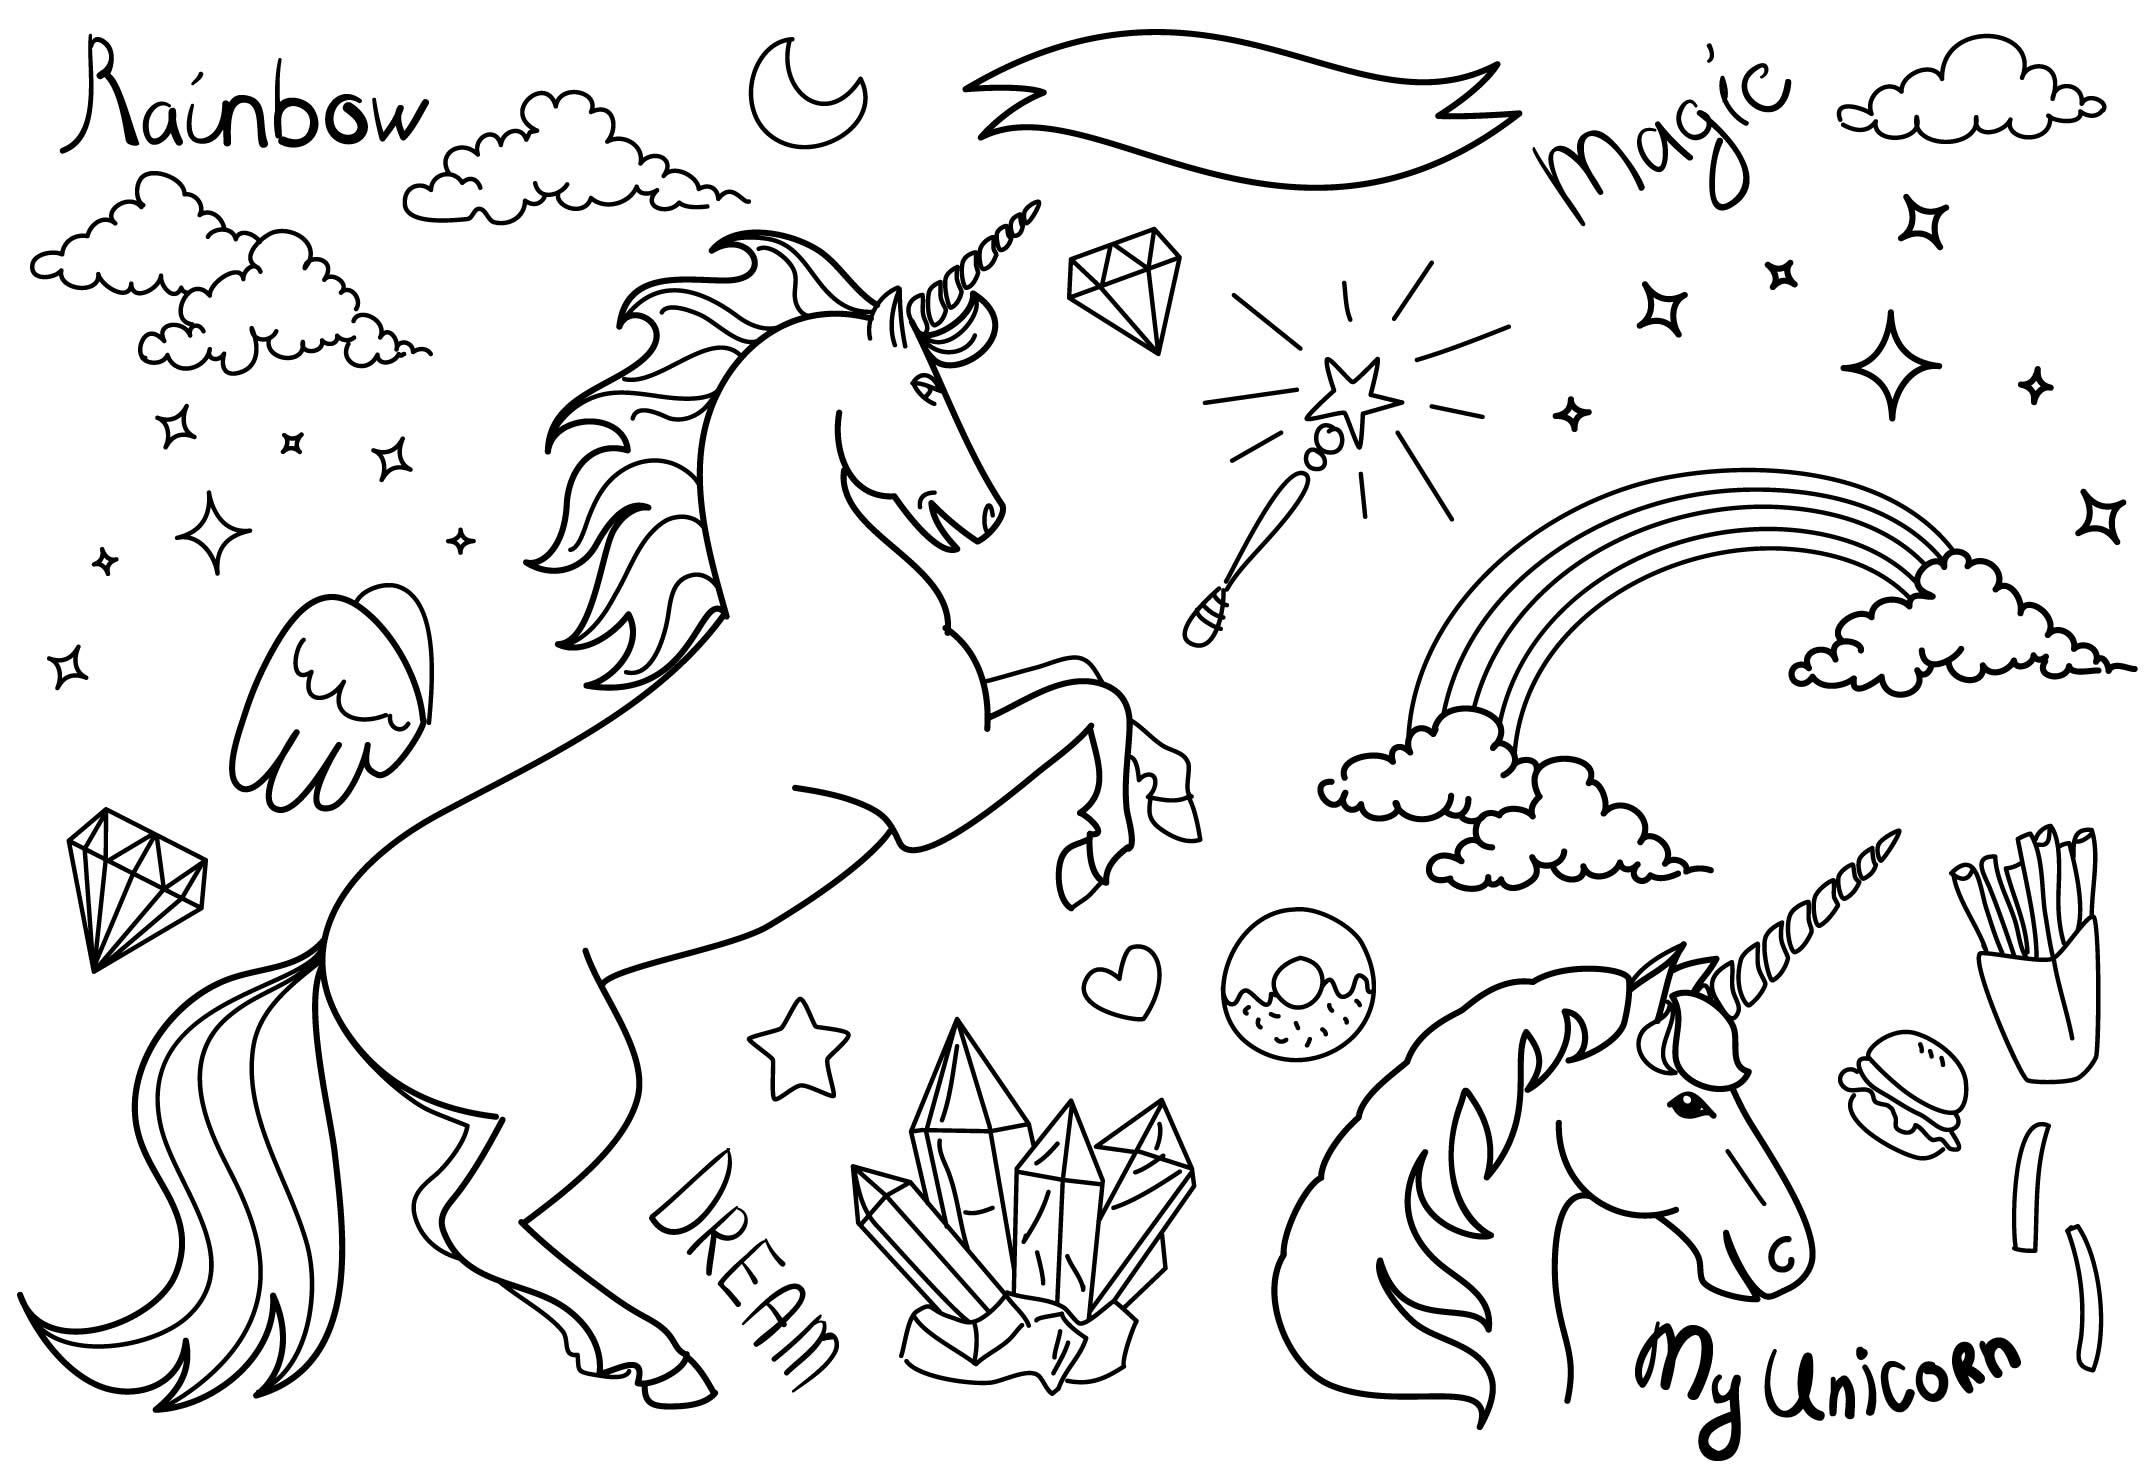 Unicorno 2018 Scopri I Regali Più Belli E Originali Con Unicorni